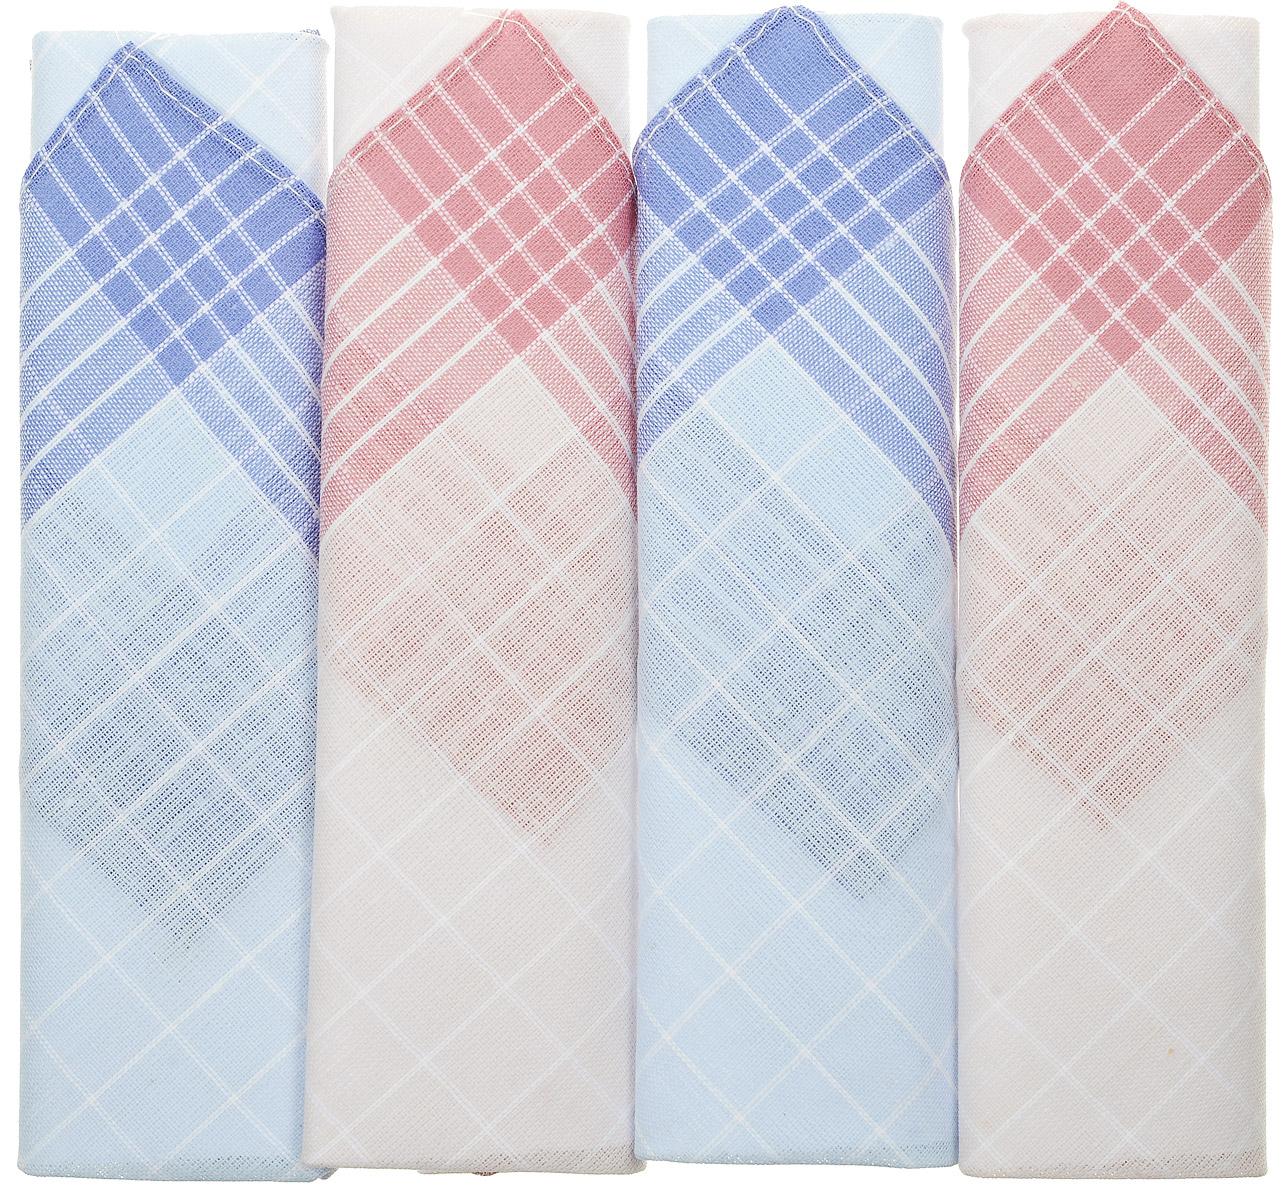 Платок носовой женский Zlata Korunka, цвет: белый, голубой, бордовый, 4 шт. 71420-28. Размер 28 см х 28 смСерьги с подвескамиОригинальный женский носовой платок Zlata Korunka изготовлен из высококачественного натурального хлопка, благодаря чему приятен в использовании, хорошо стирается, не садится и отлично впитывает влагу. Практичный и изящный носовой платок будет незаменим в повседневной жизни любого современного человека. Такой платок послужит стильным аксессуаром и подчеркнет ваше превосходное чувство вкуса.